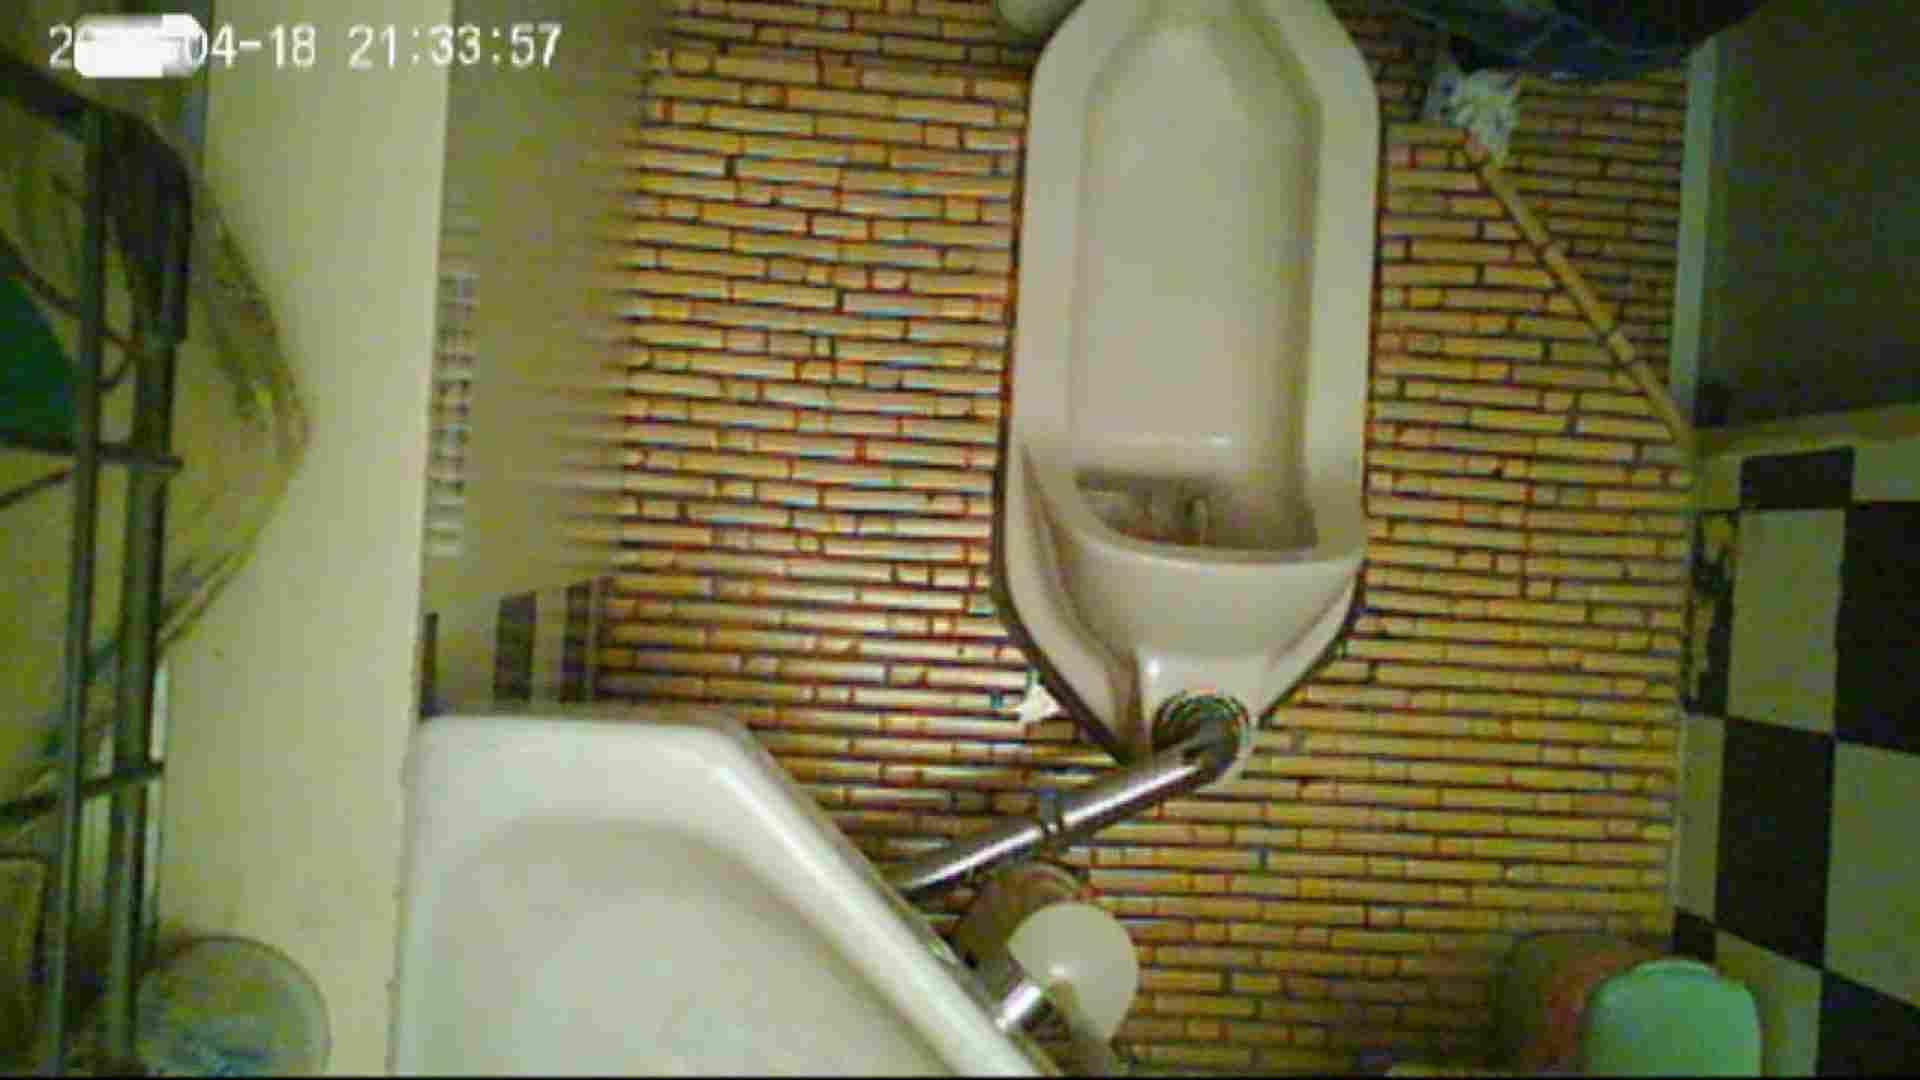 和式トイレの喫茶店店主マロンさんのコレクションvol.6 盗撮映像  64Pix 62